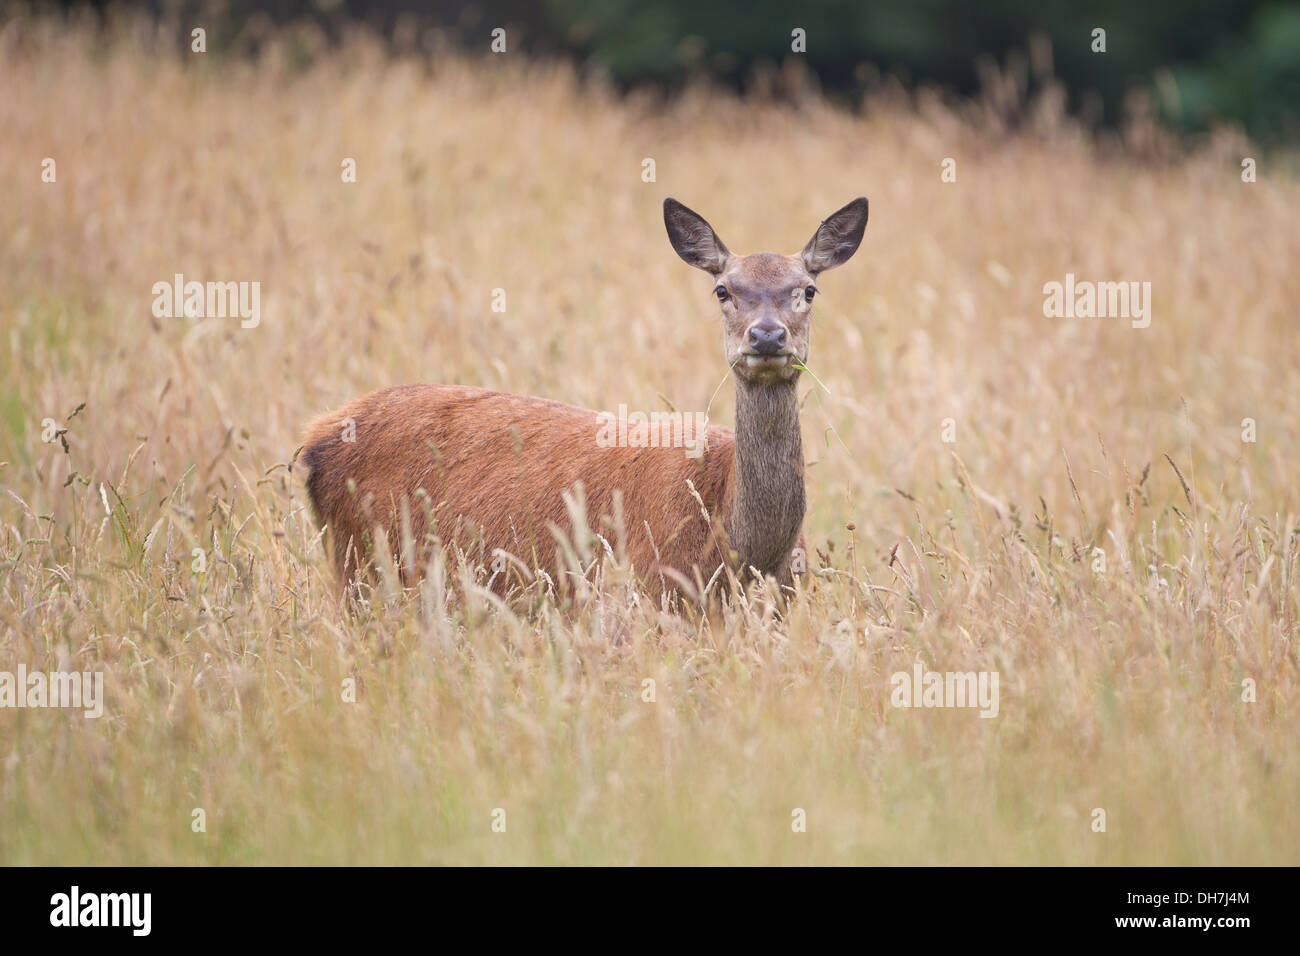 Female Red Deer (Cervus elaphus) hind in long grass. Studley Royal, North Yorkshire, UK - Stock Image